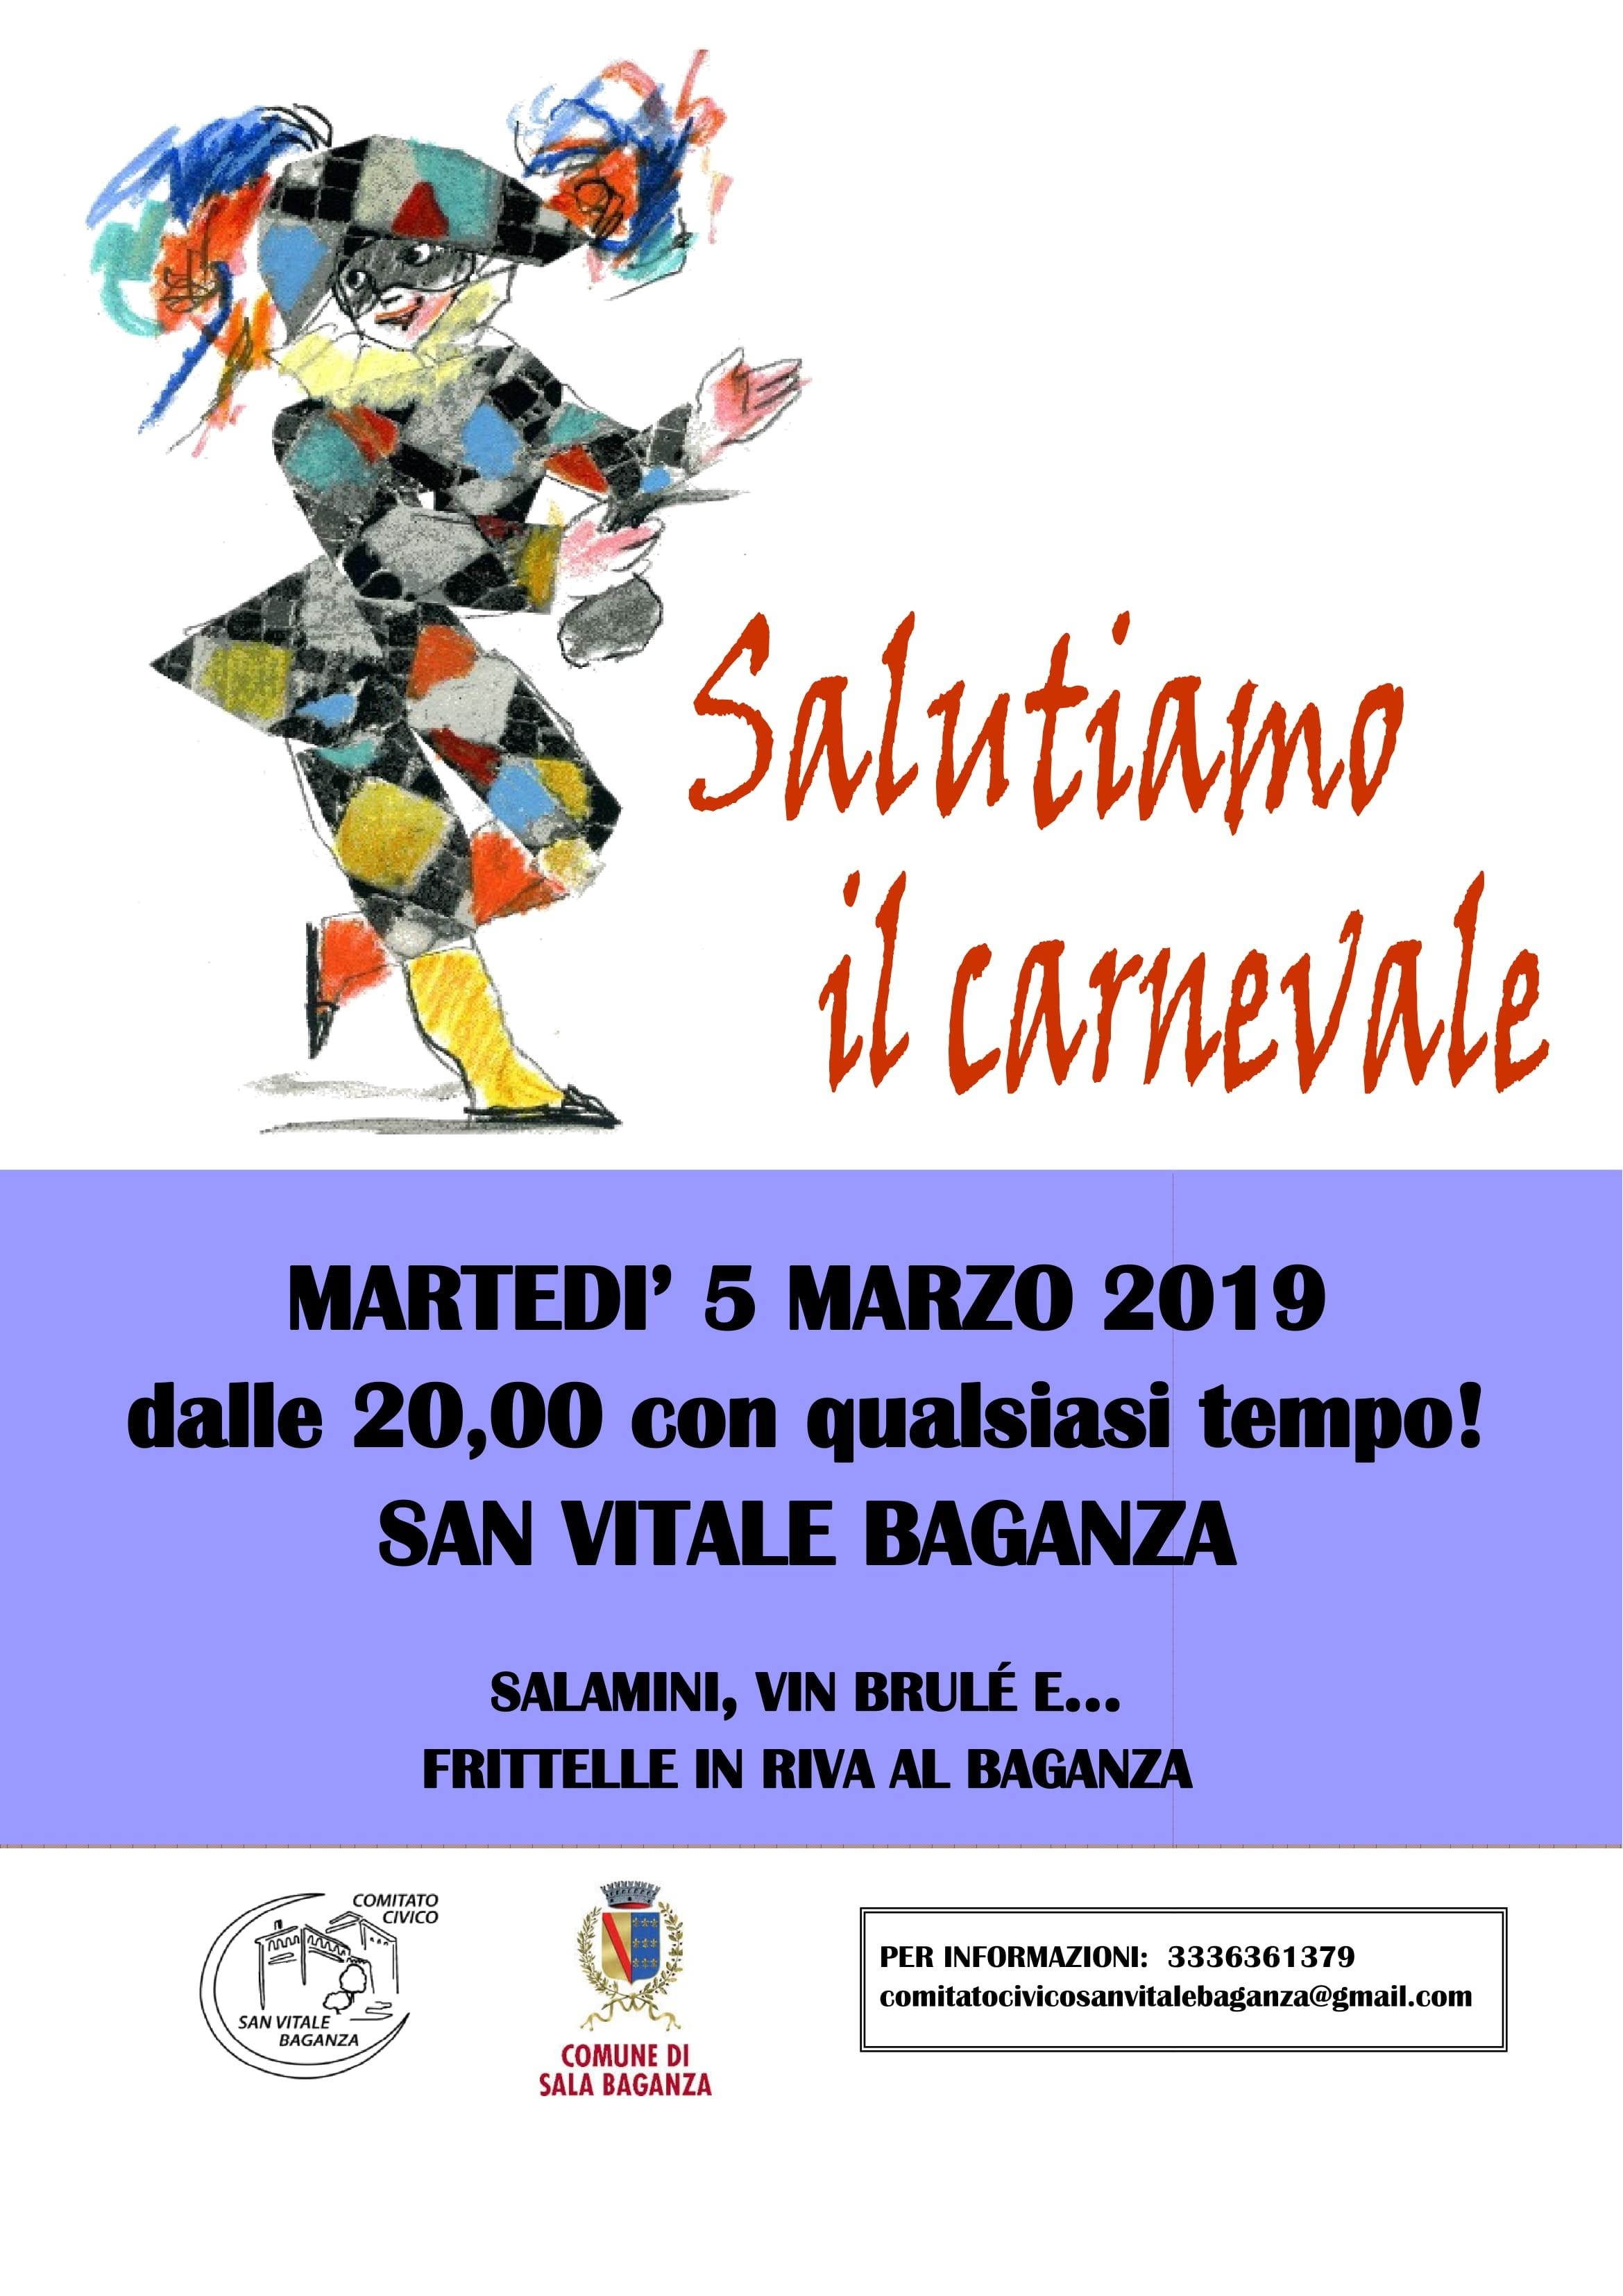 Salutiamo il Carnevale a San Vitale Baganza